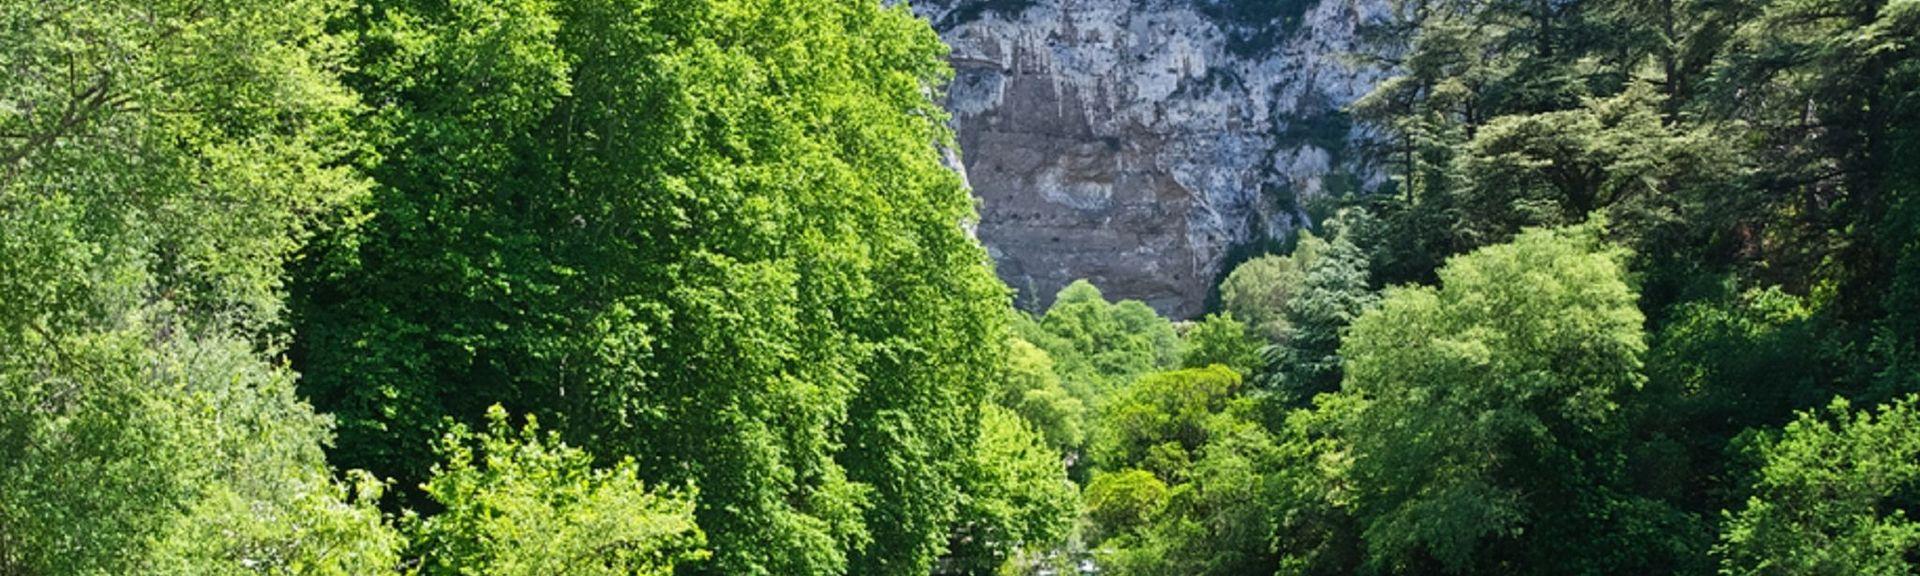 Cheval-Blanc, Vaucluse (département), France